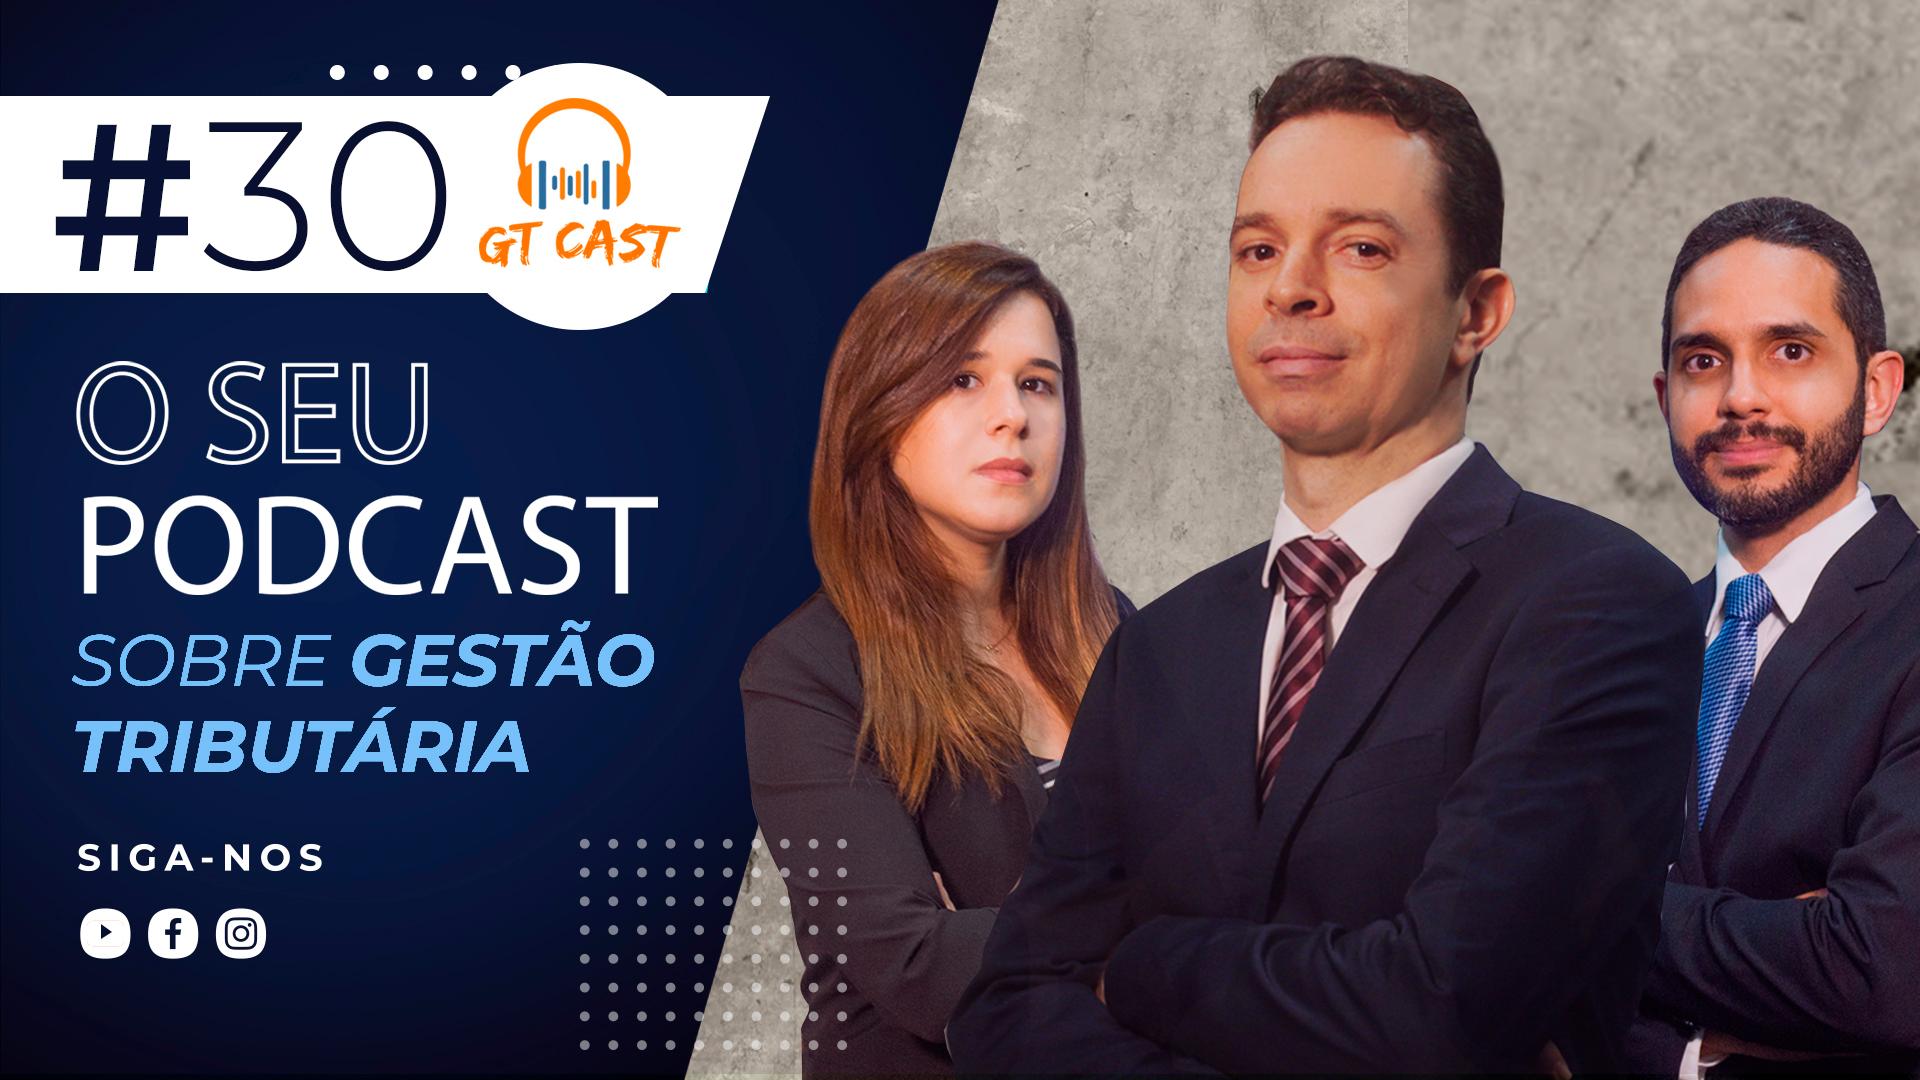 gt-cast-30-julho-e-agosto-2021-o-seu-podcast-sobre-gestao-tributaria